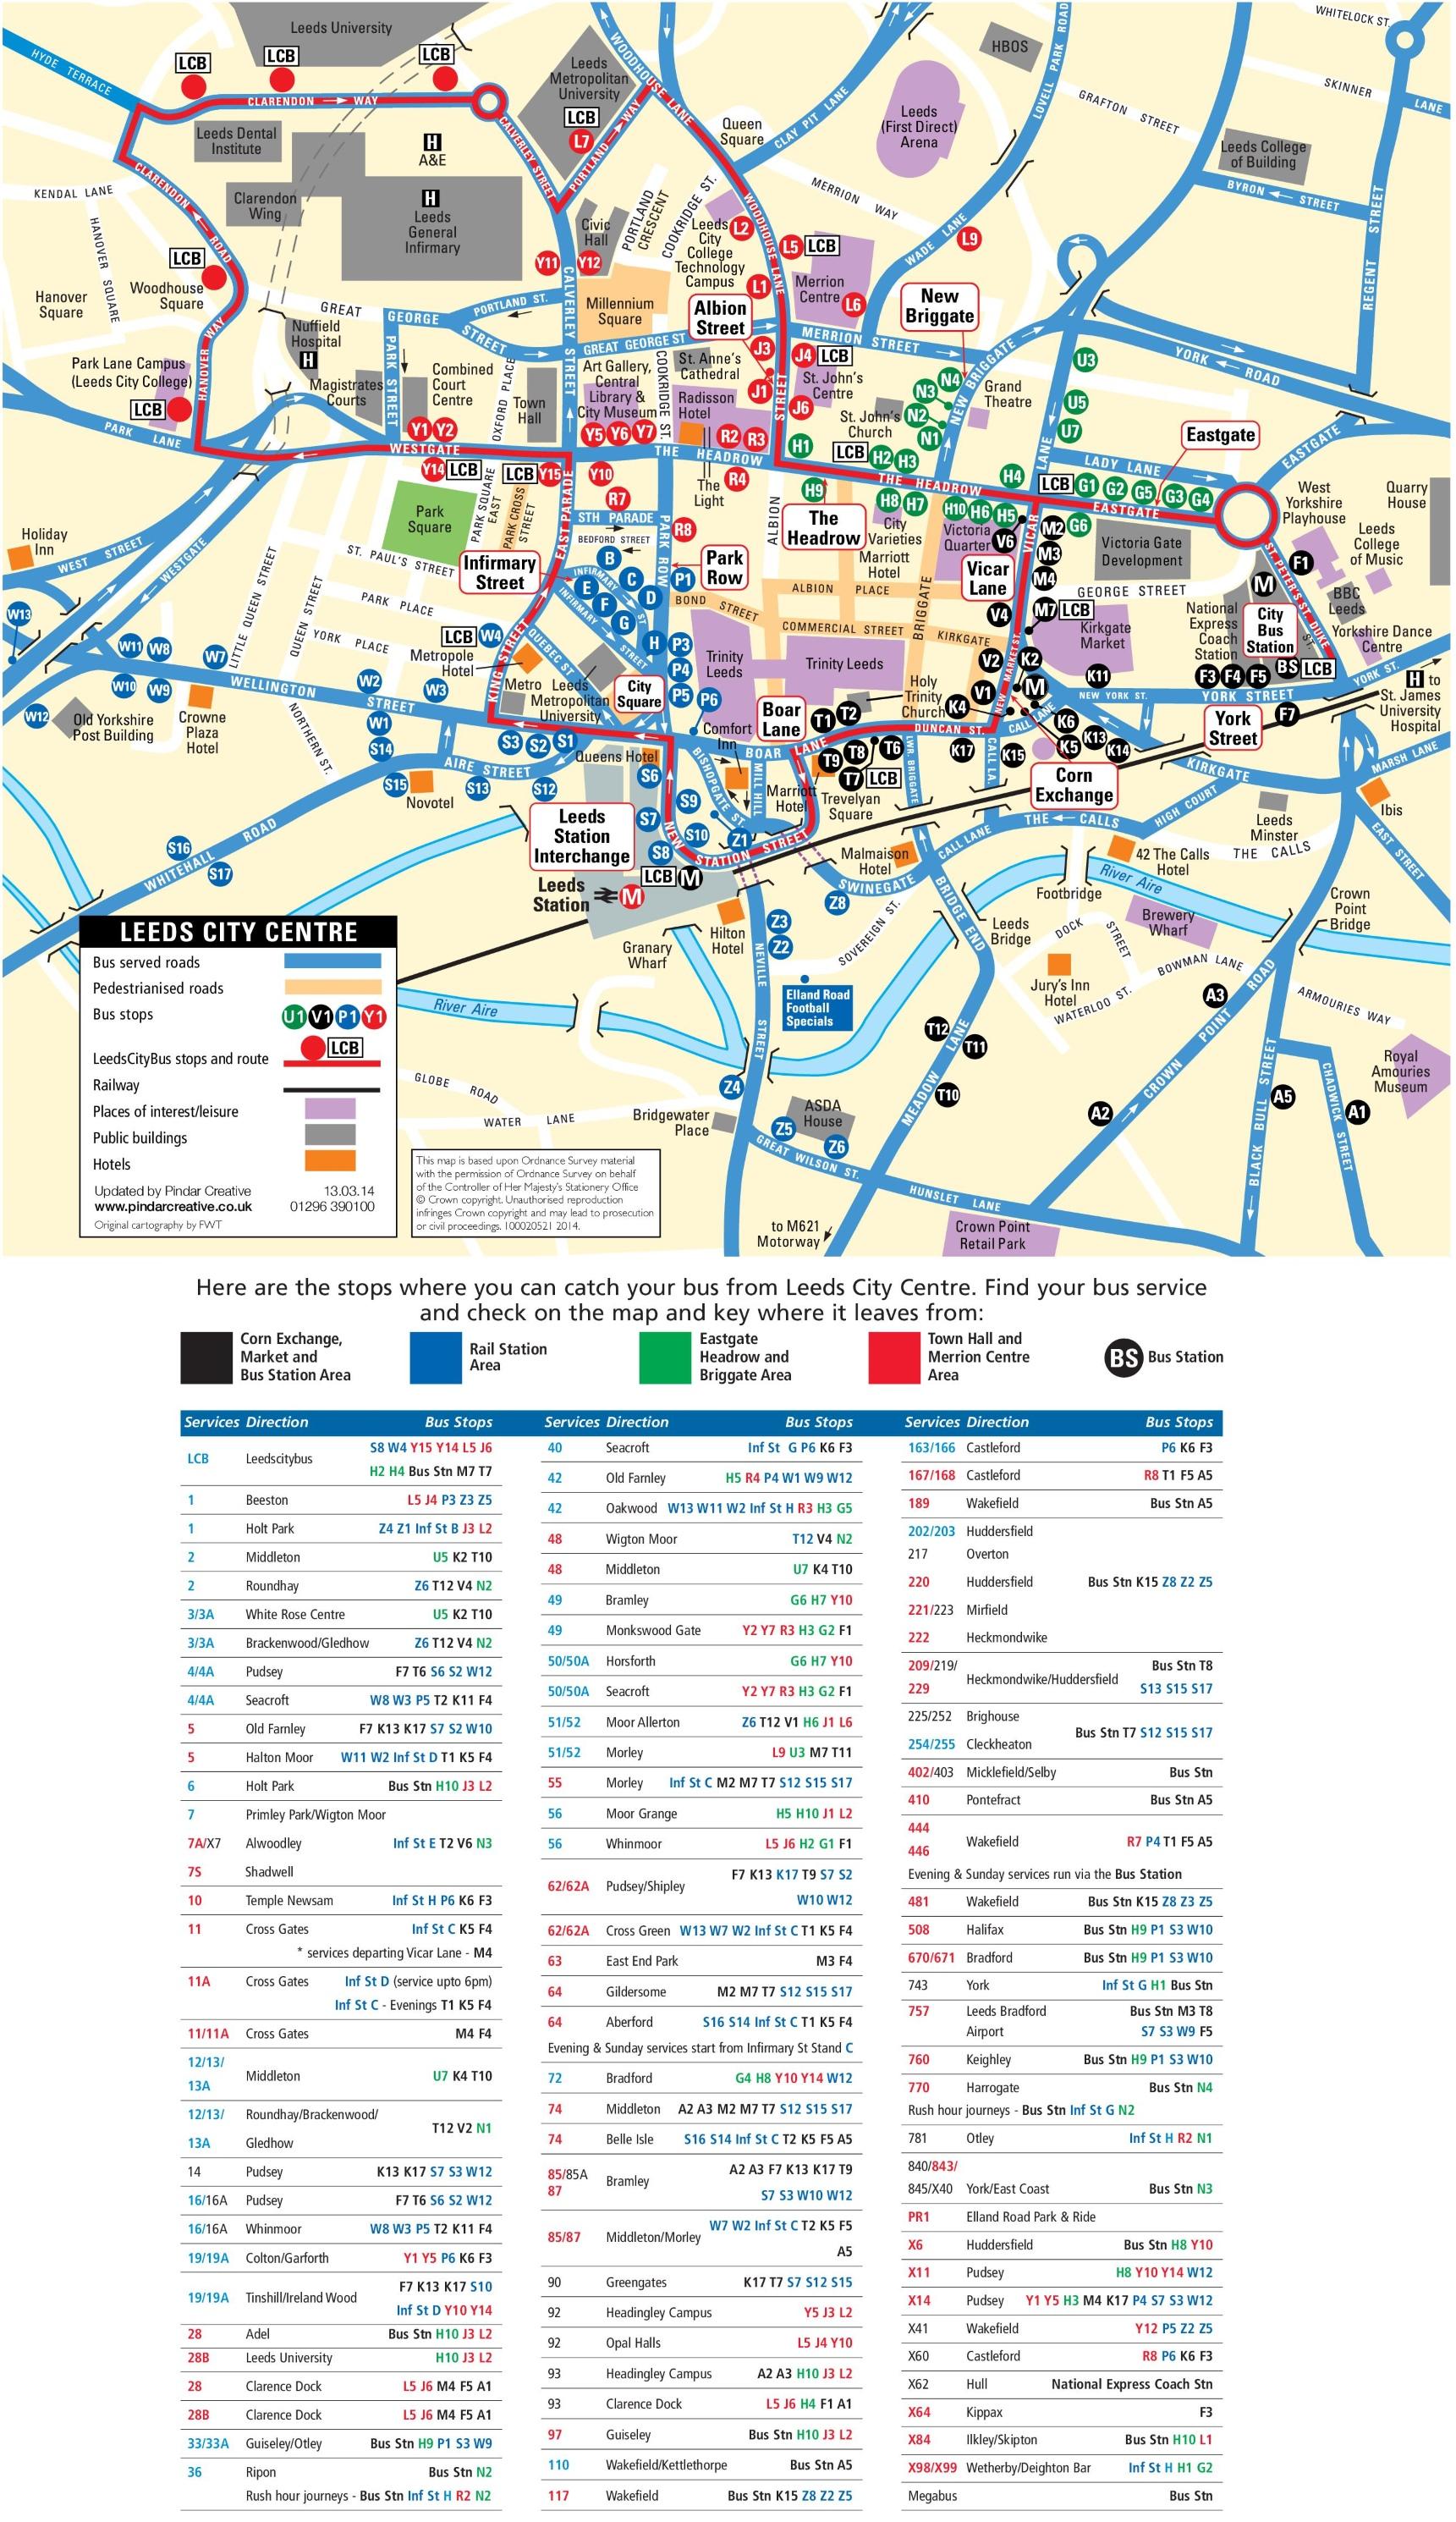 Leeds city center map